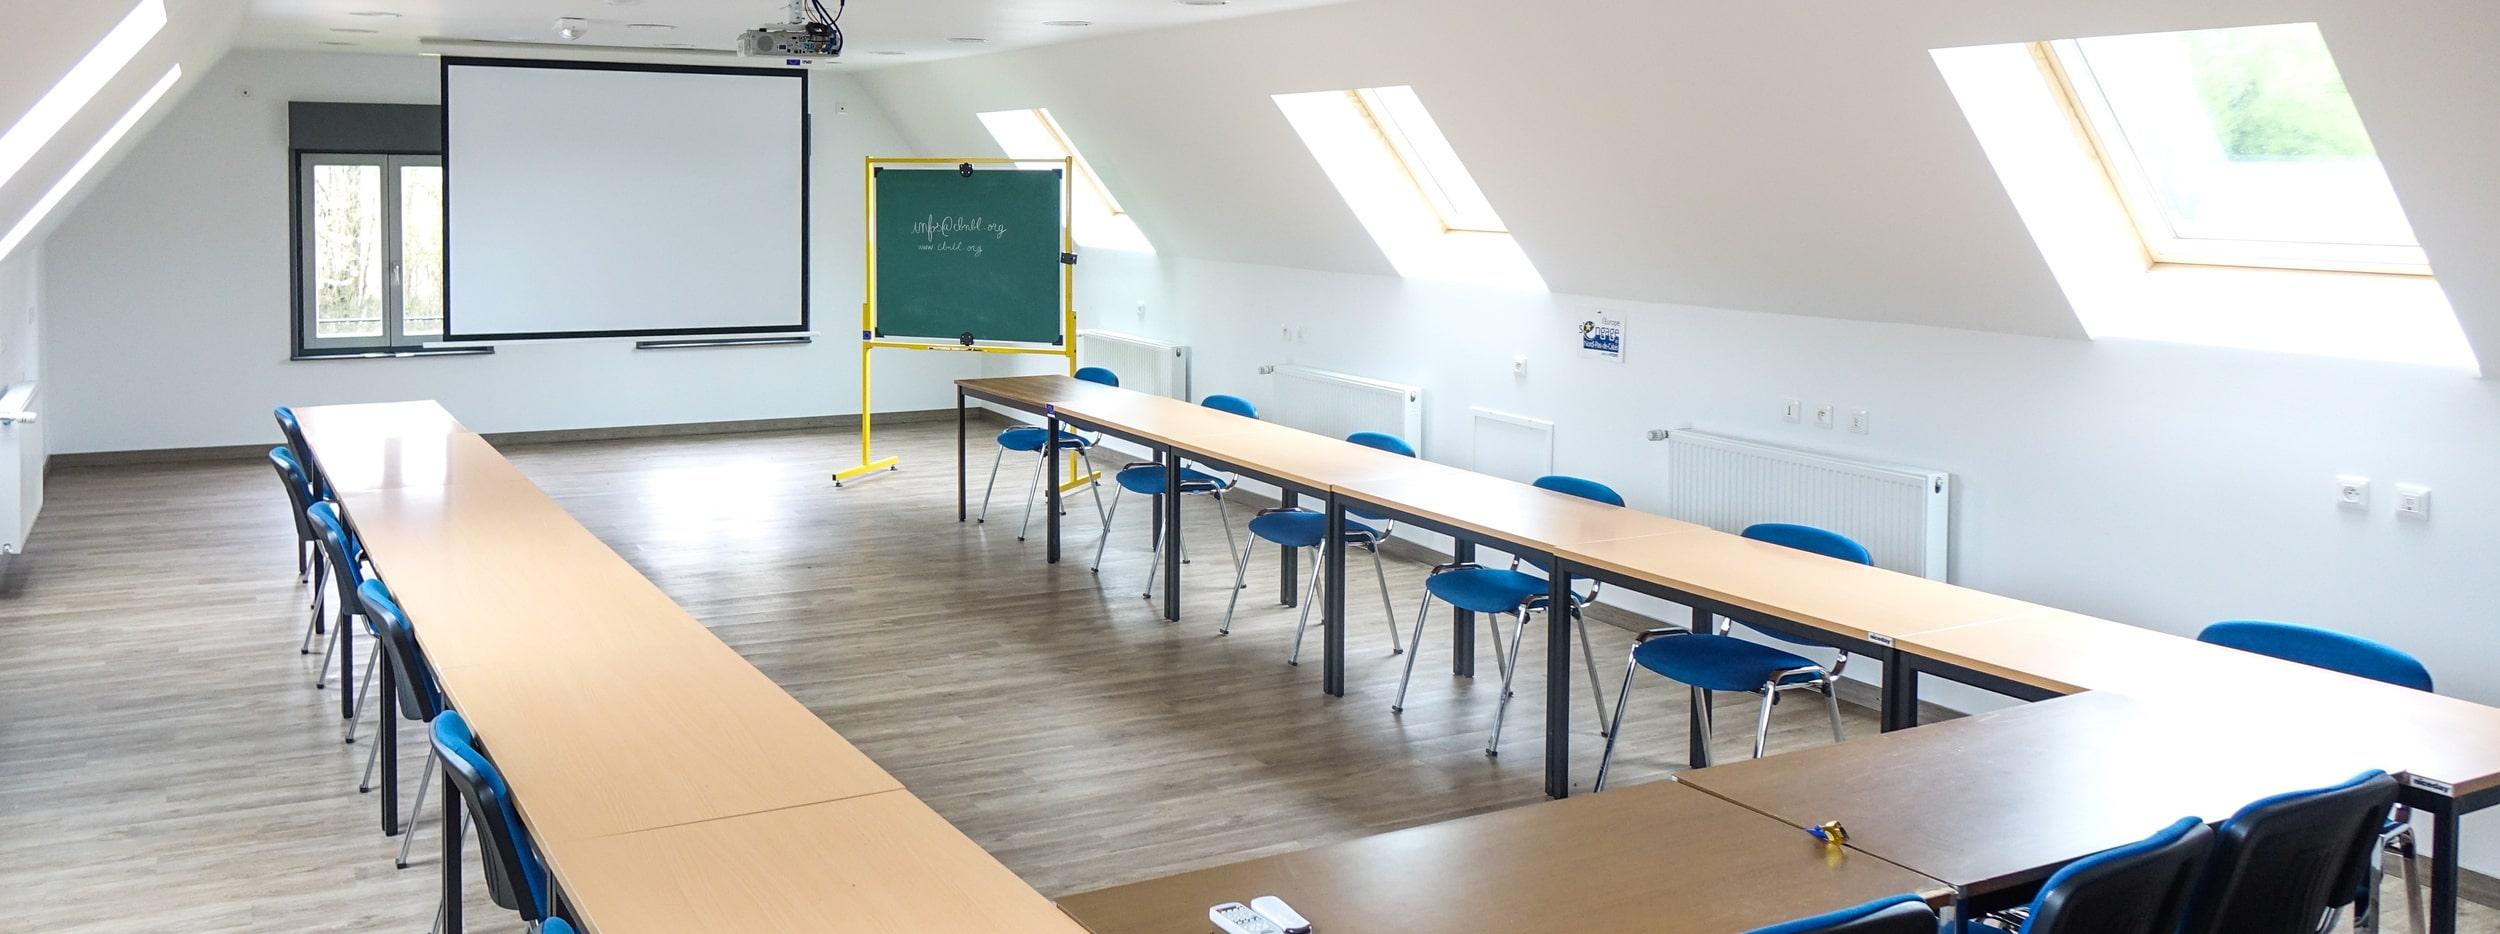 Atelier de botanique étage, vue des équipements pour réunion